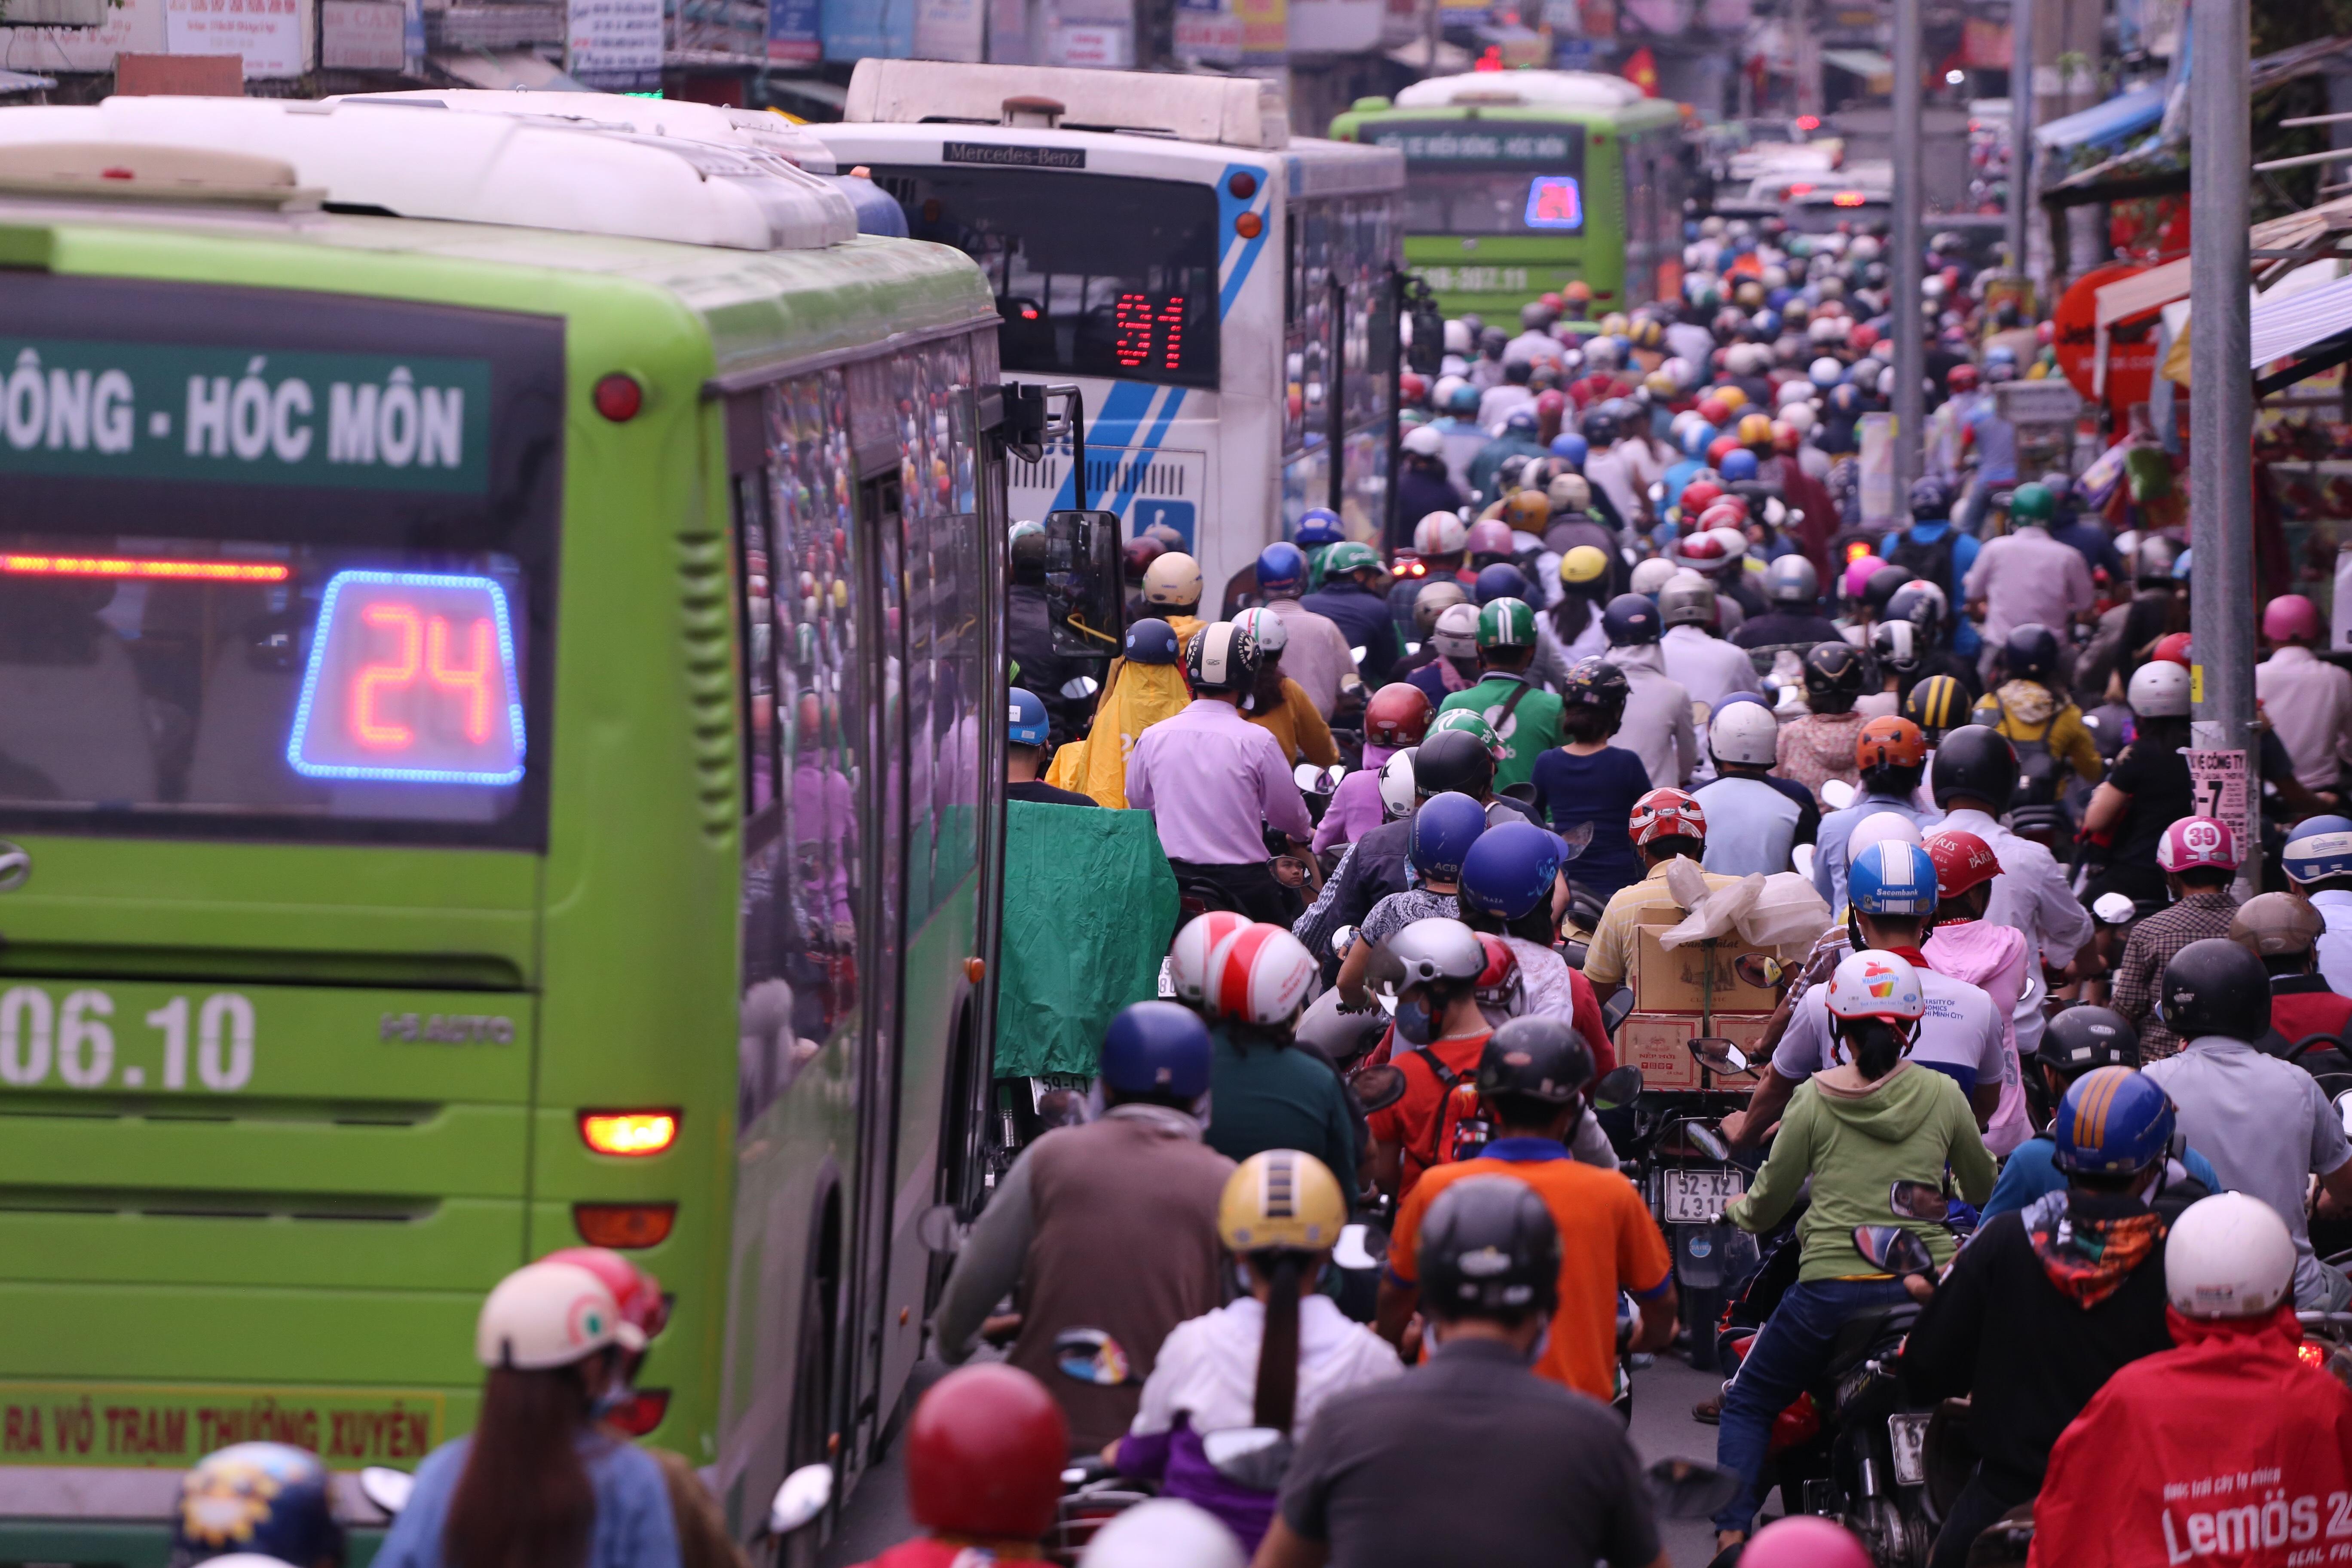 Bến xe chật kín người về quê nghỉ lễ mùng 2/9 - Ảnh 38.